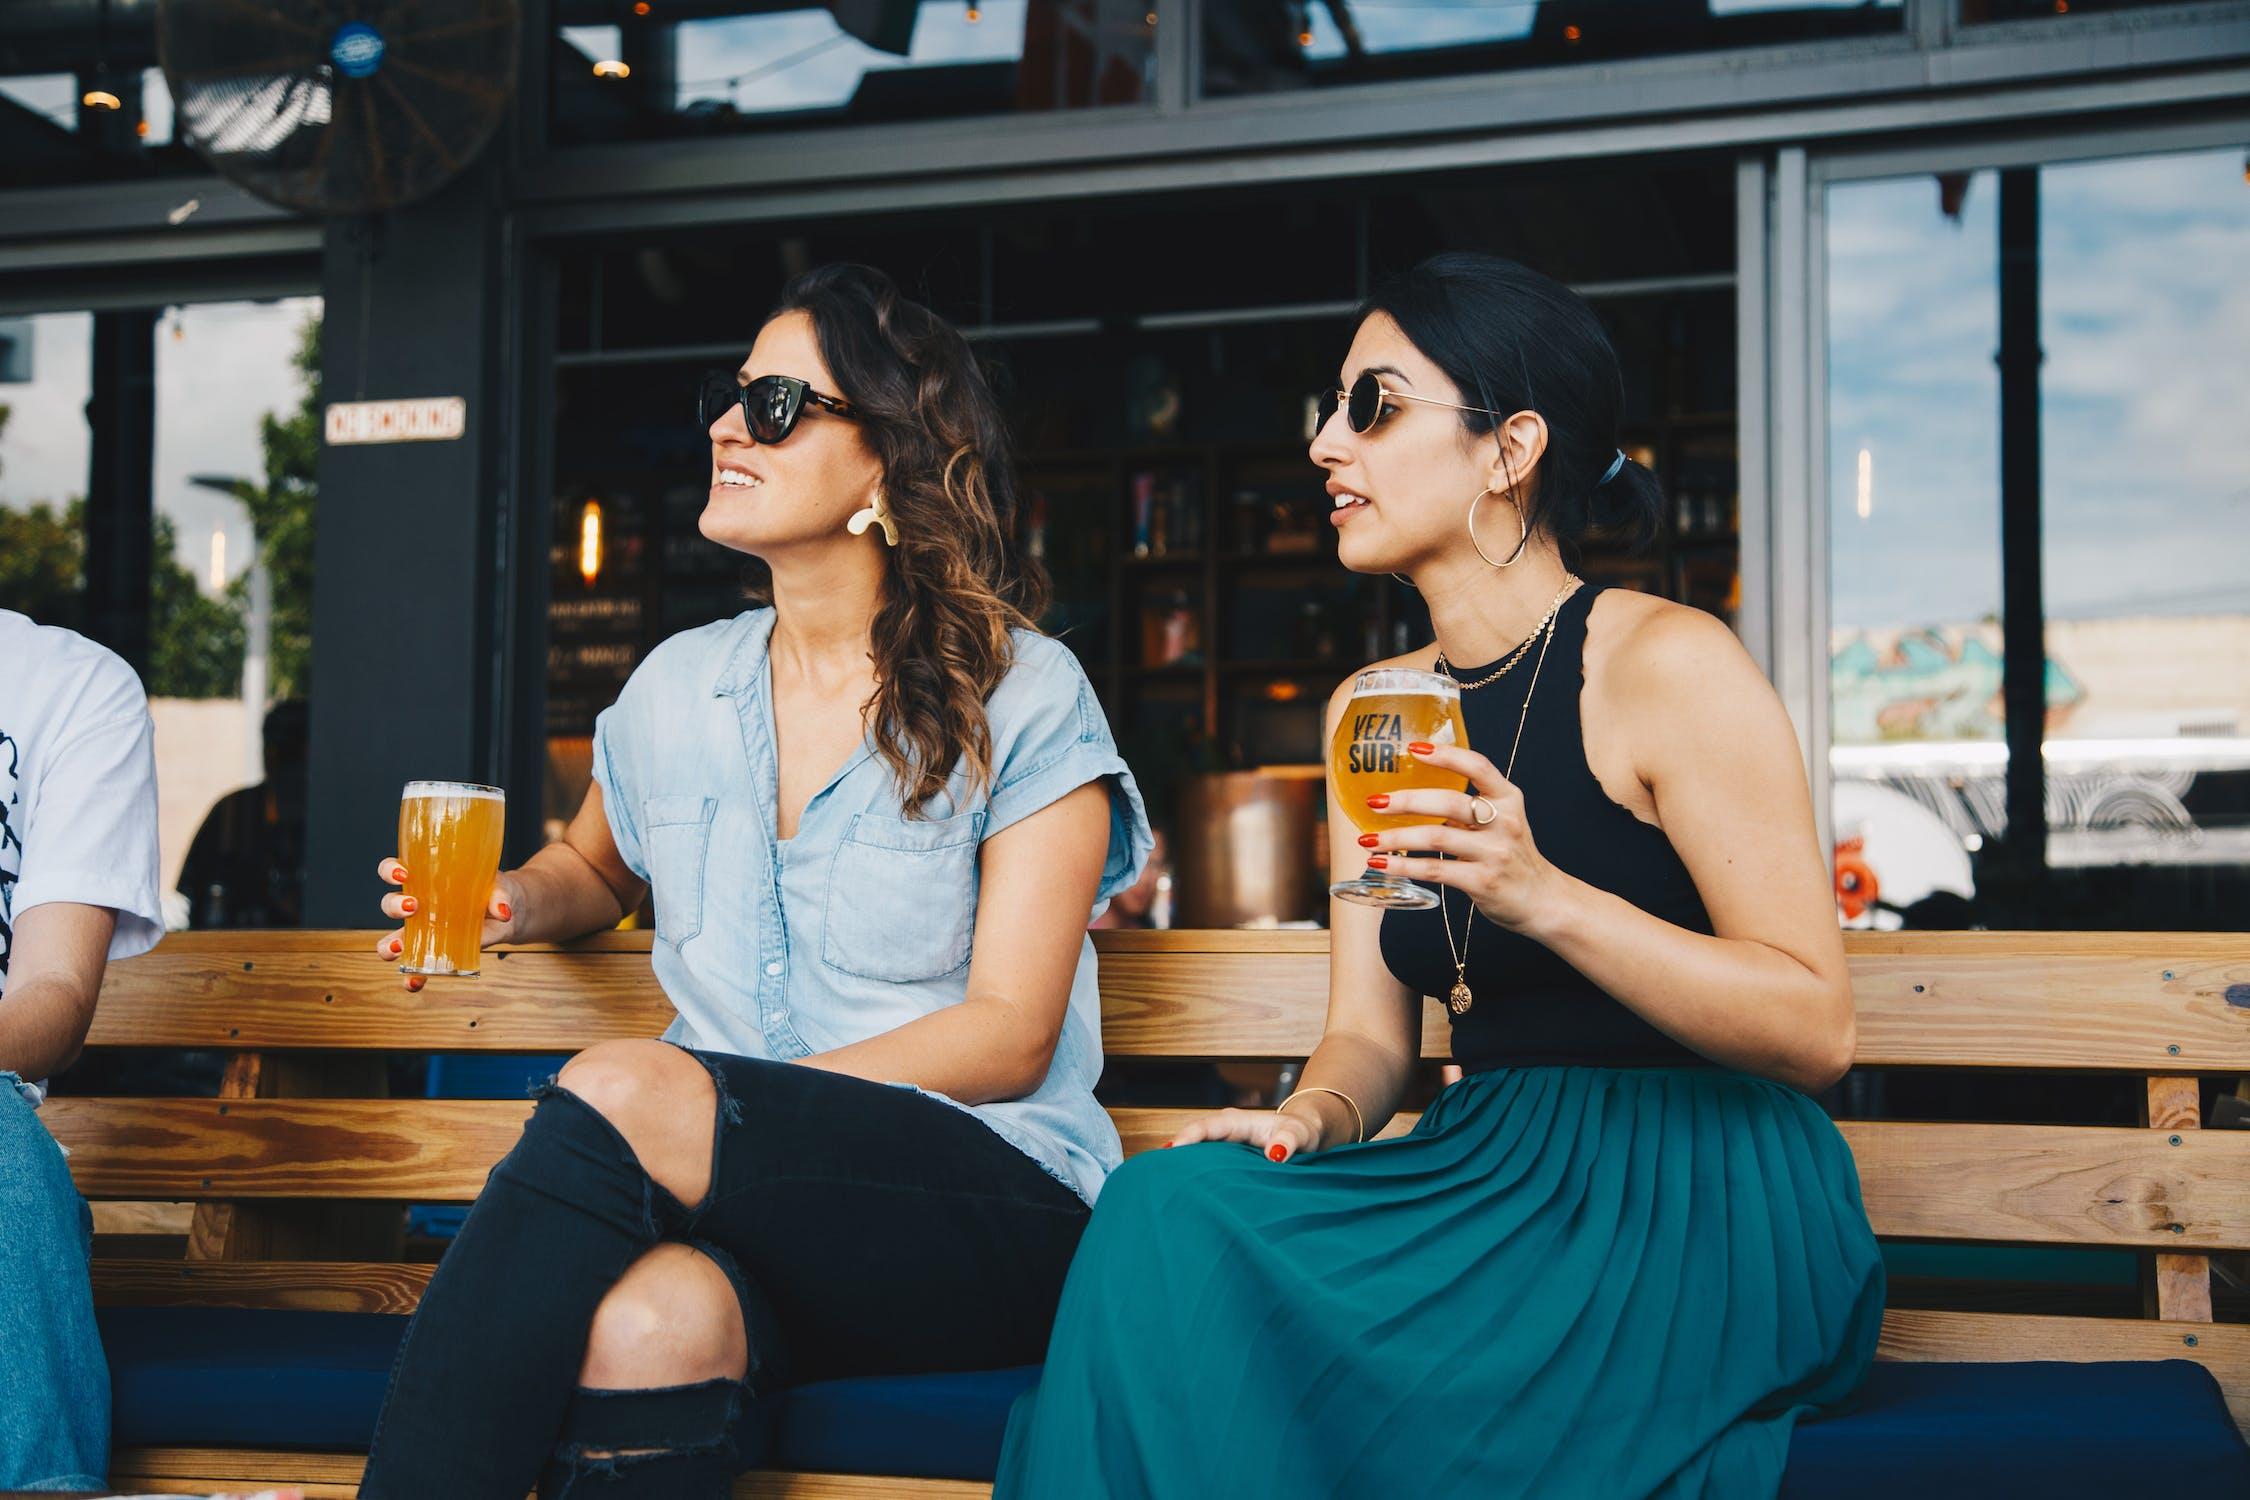 Beber más de 5 tragos a la semana puede afectar tu salud